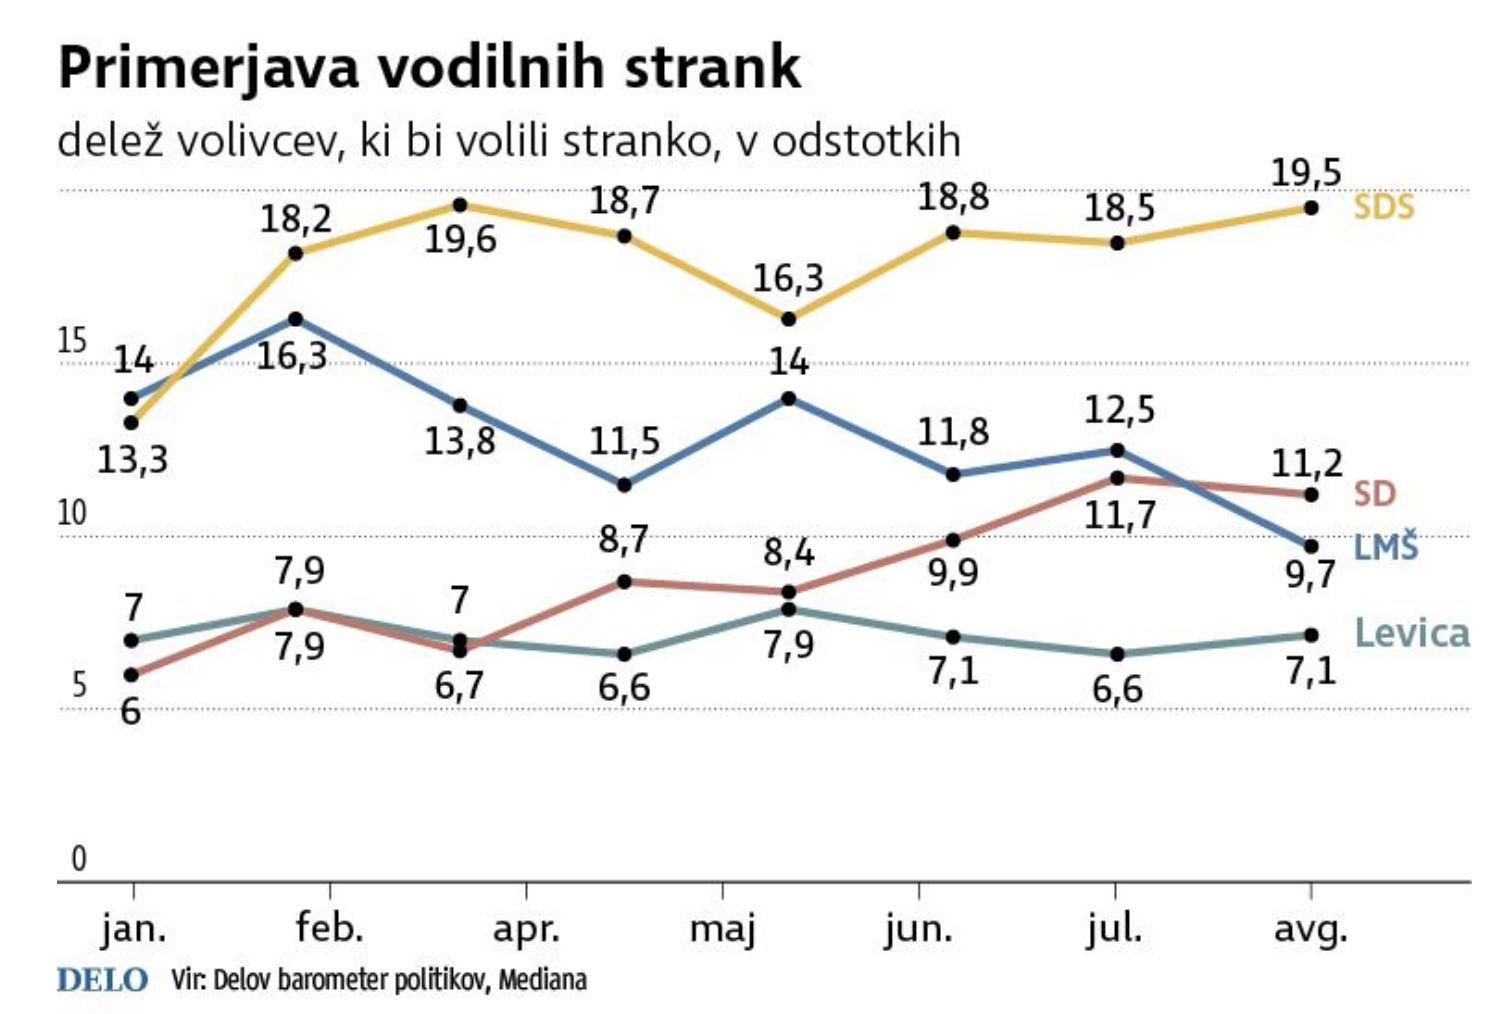 Primerjava priljubljenosti strank, avgust